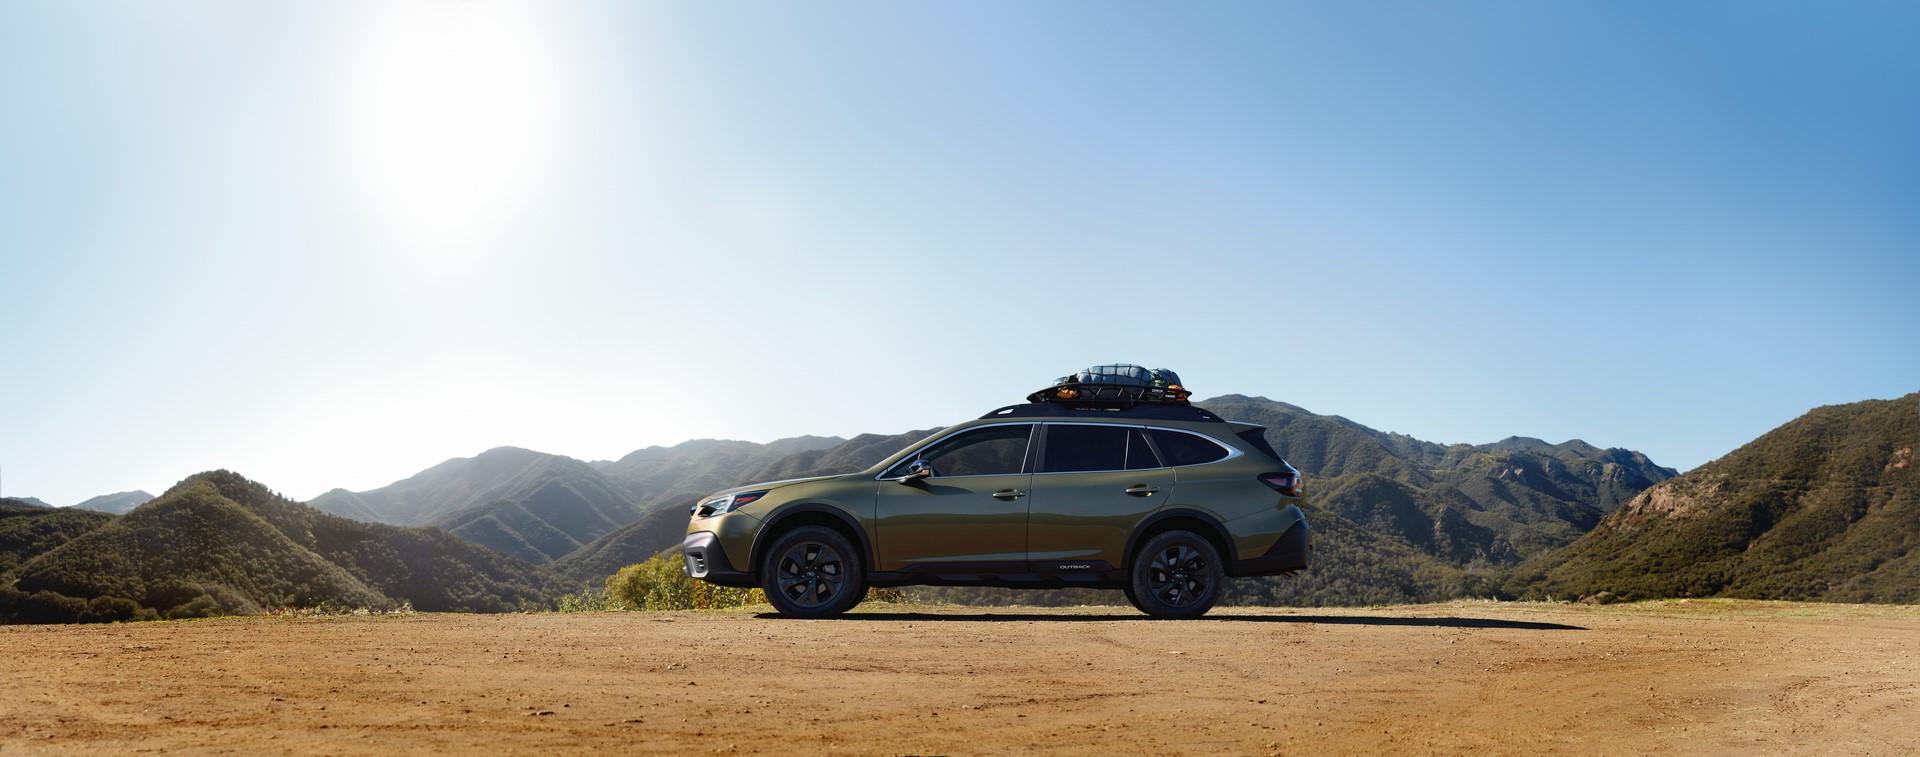 Subaru-Outback-2020-15